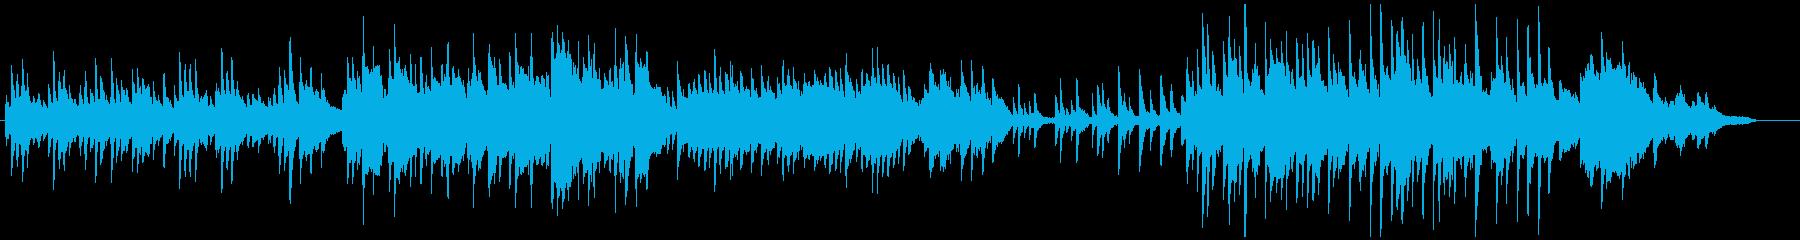 夏にぴったりなピアノ曲の再生済みの波形